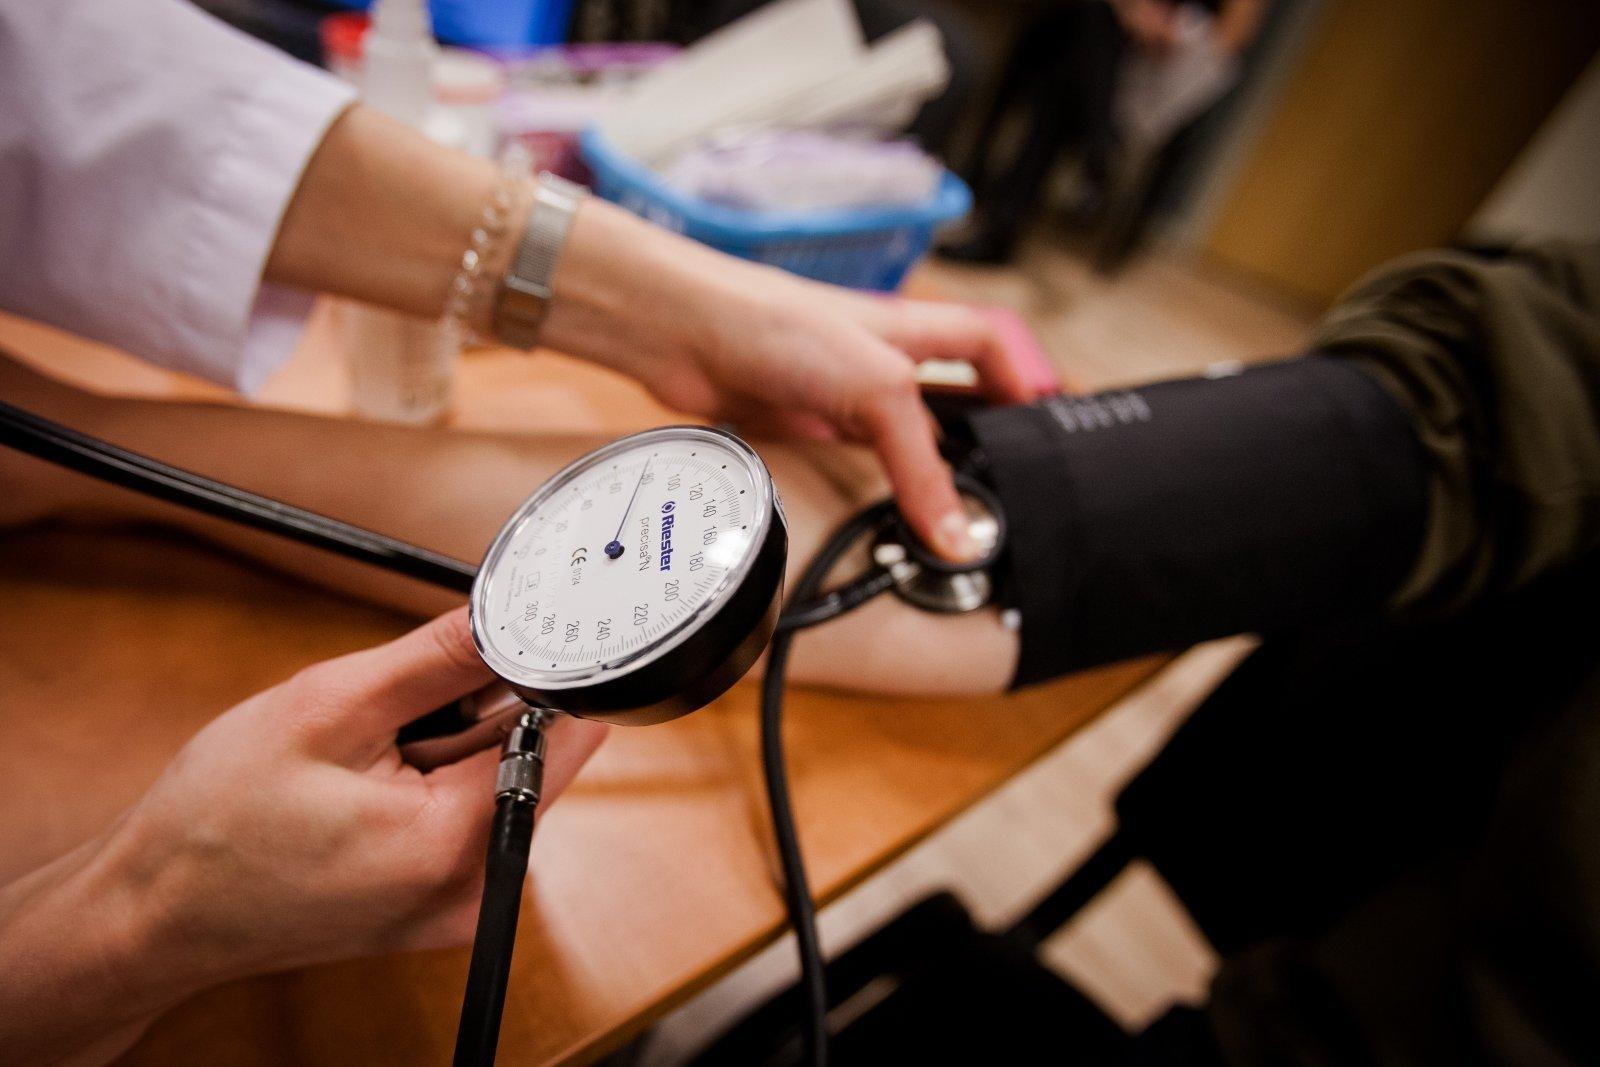 ką naudinga daryti su hipertenzija ar bėgti su hipertenzija ir rūkyti